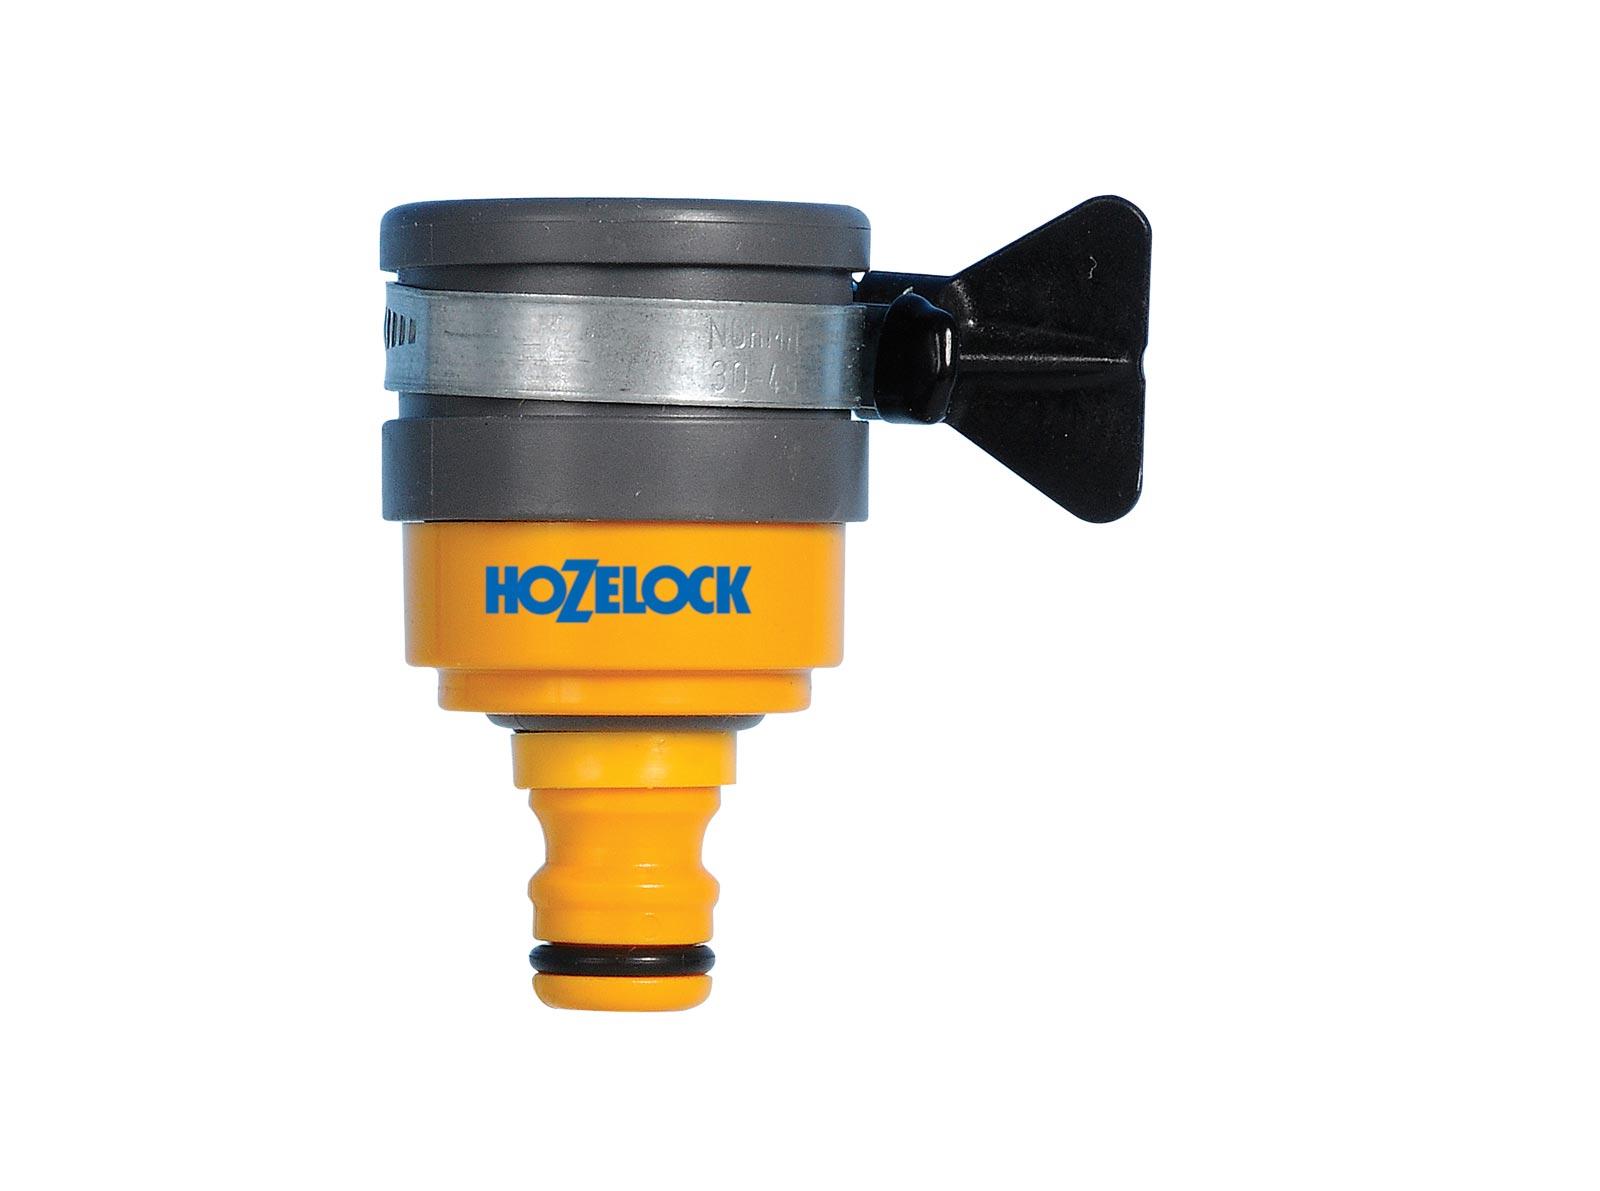 Коннектор шланга Hozelock 2177 для крана круглого сечения до 24 мм, желтый, серый